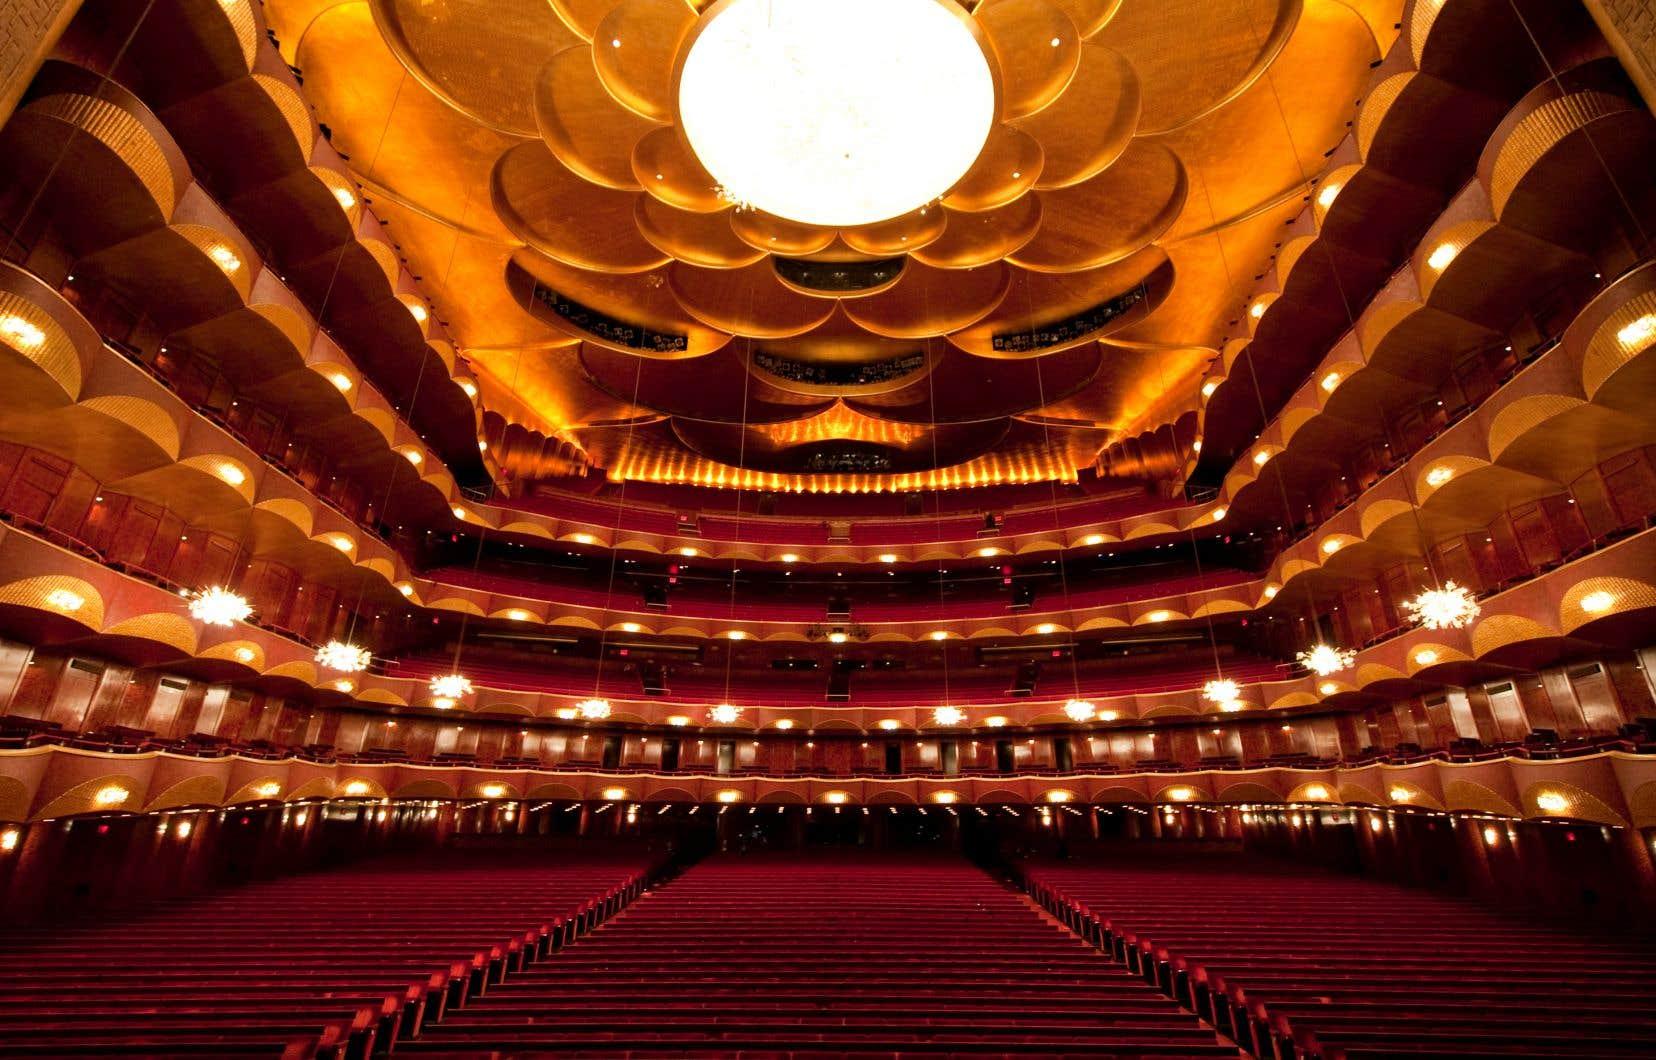 Le Metropolitan Opera de New York annule tous les concerts jusqu'au 1er janvier 2021.